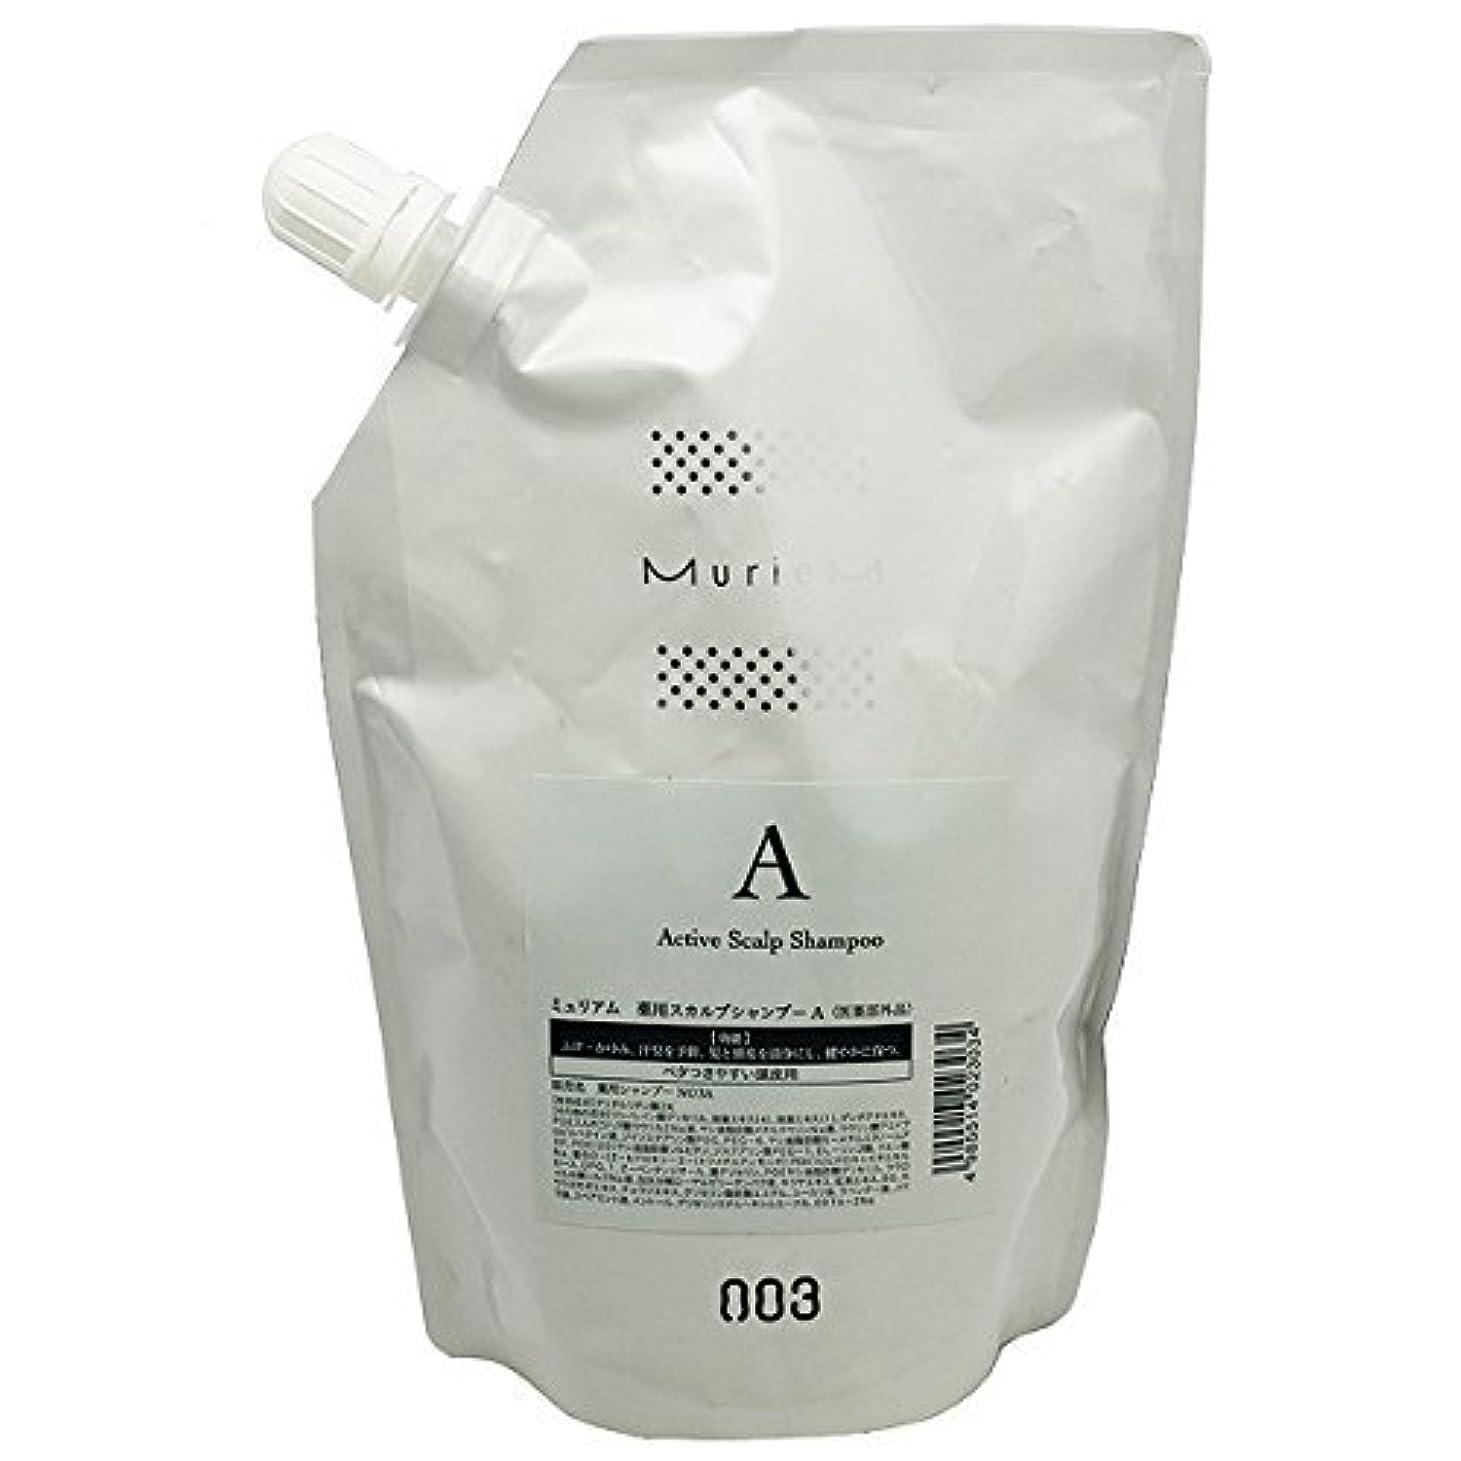 麻酔薬直感臭いナンバースリー ミュリアム 薬用スカルプシャンプーA 500ml レフィル